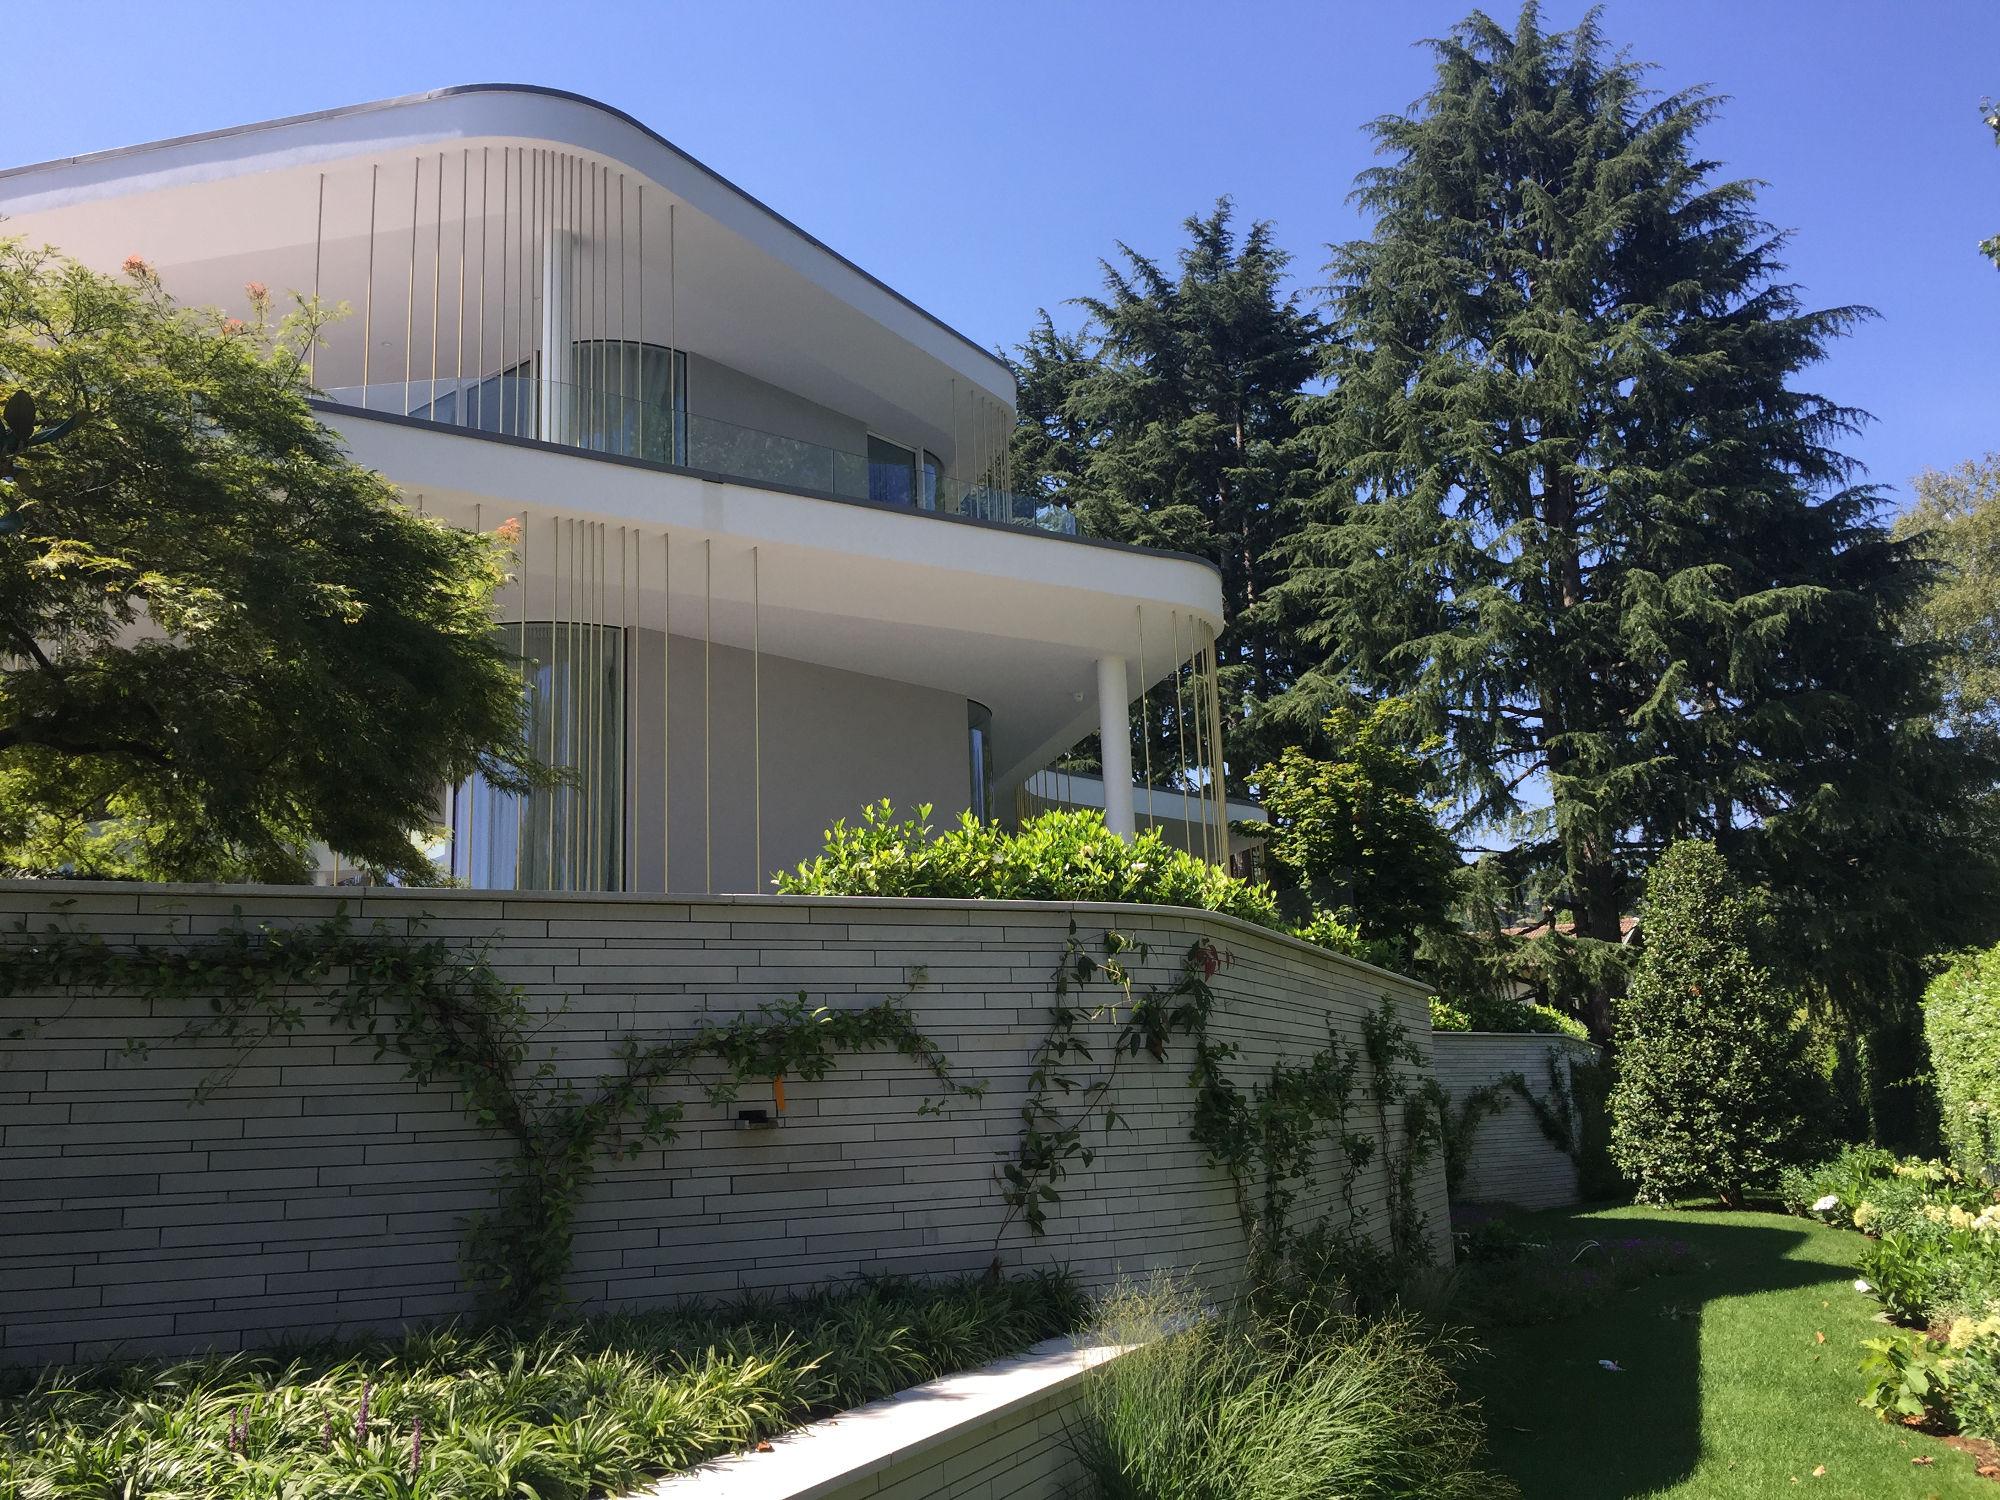 0718_RobertoManzetti-Architetto-NeuHouse-8